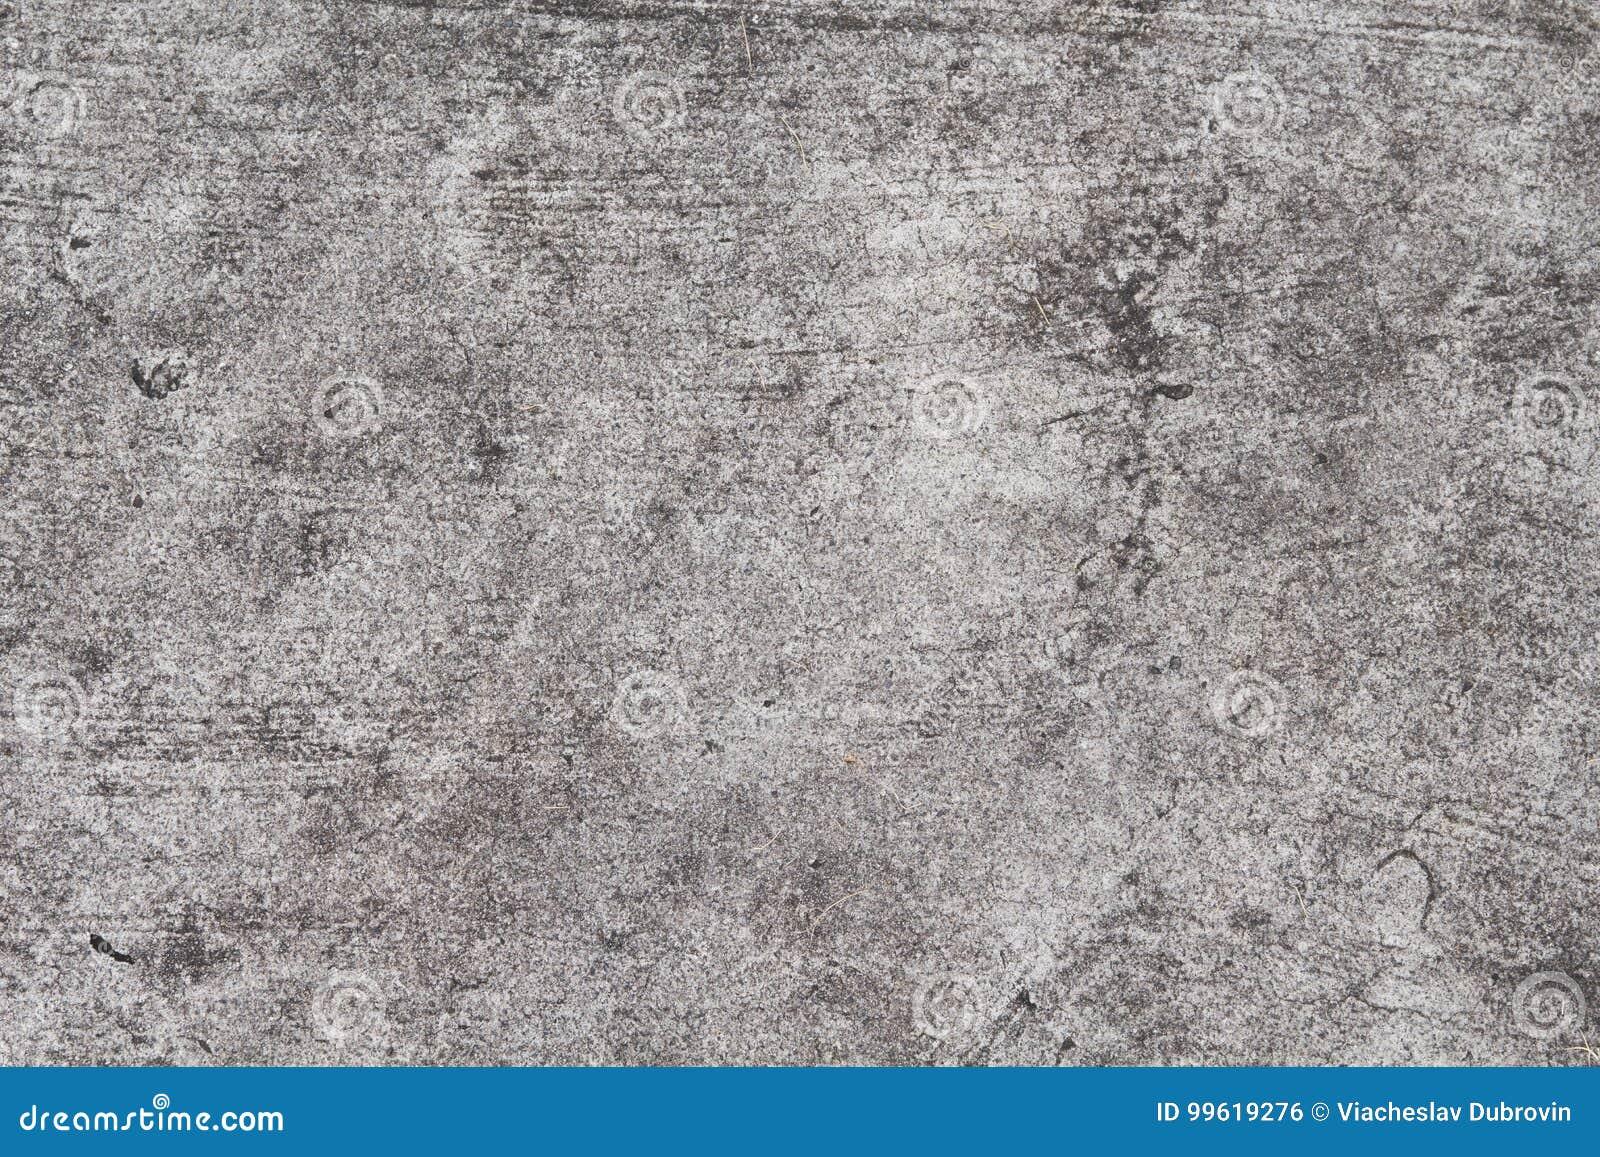 具体grunge纹理 灰色柏油路顶视图照片 困厄的和过时背景纹理